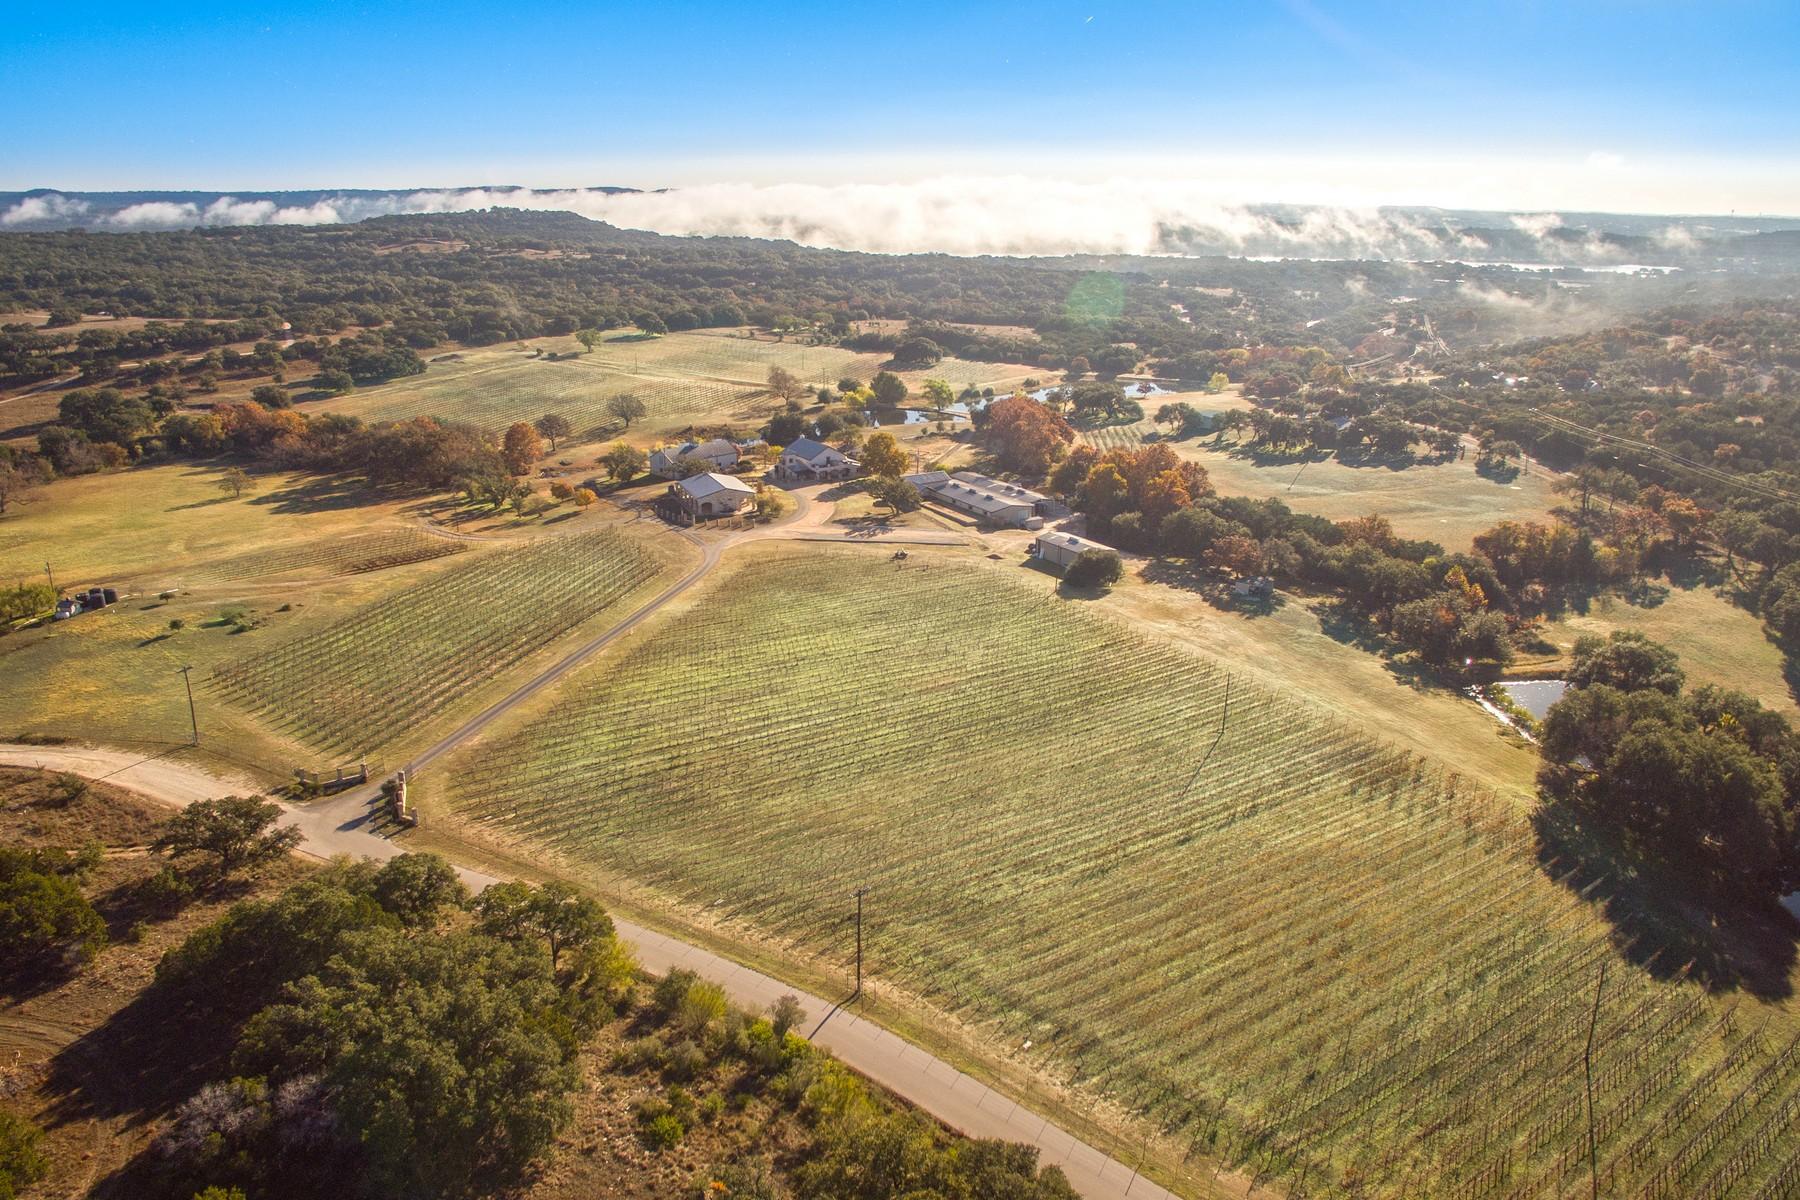 Casa Unifamiliar por un Venta en The Crown Jewel of Texas Wineries 24912 Singleton Bend East Rd Marble Falls, Texas 78654 Estados Unidos